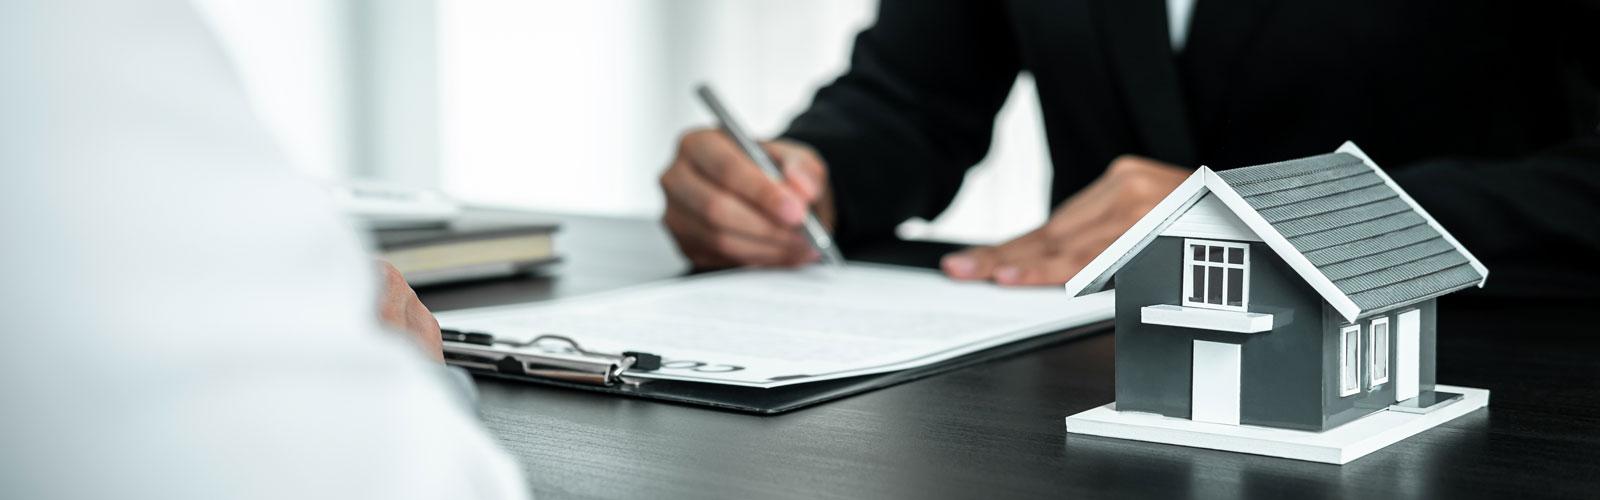 droits et devoirs agents immobilier